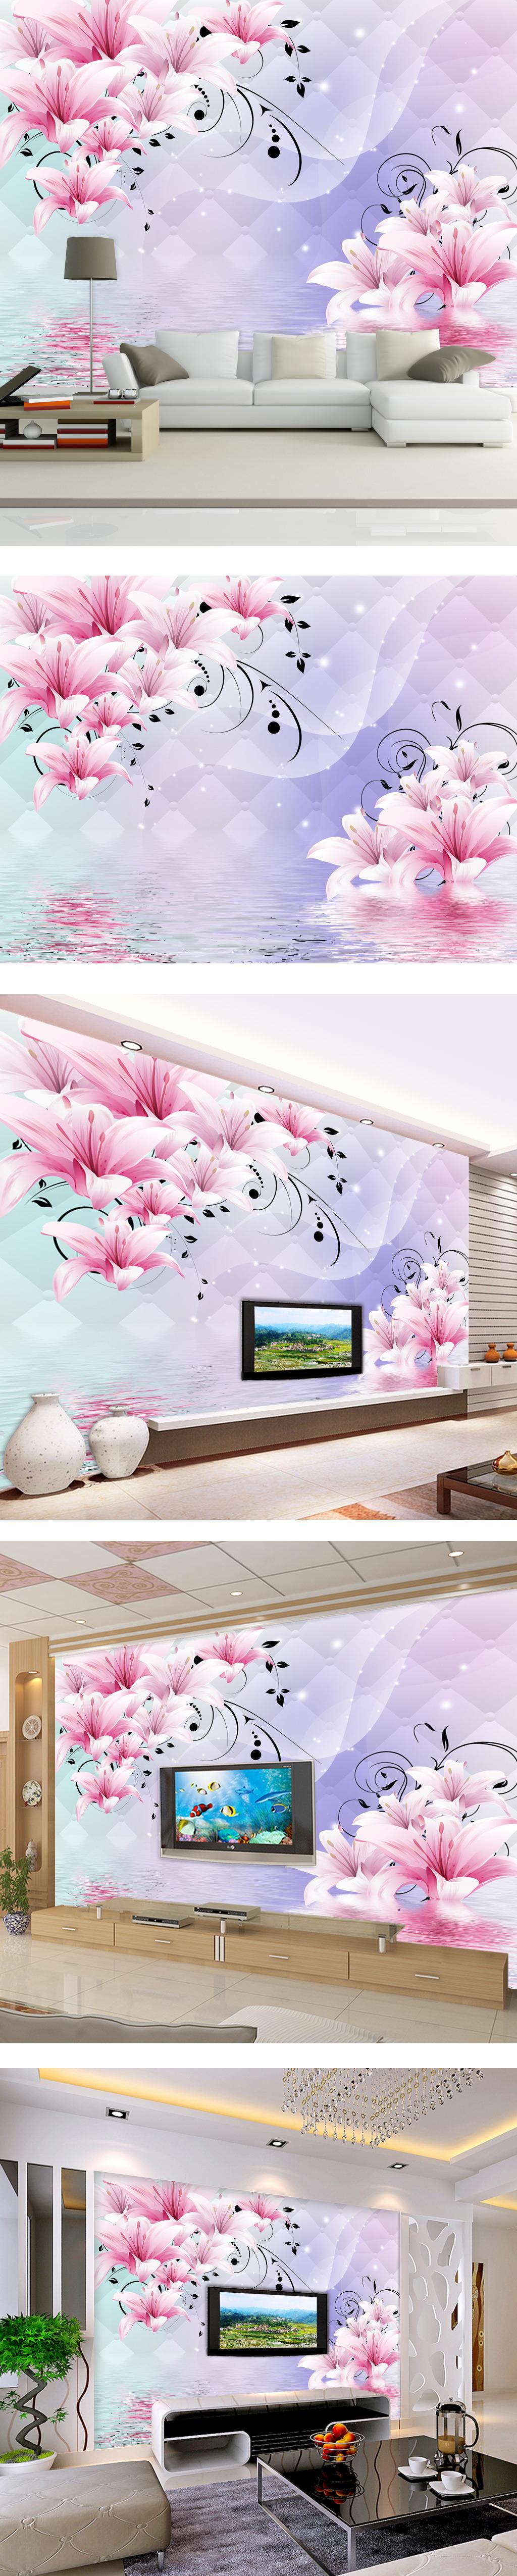 壁纸 背景墙 软包/[版权图片]3D立体软包百合花电视背景墙壁纸壁画